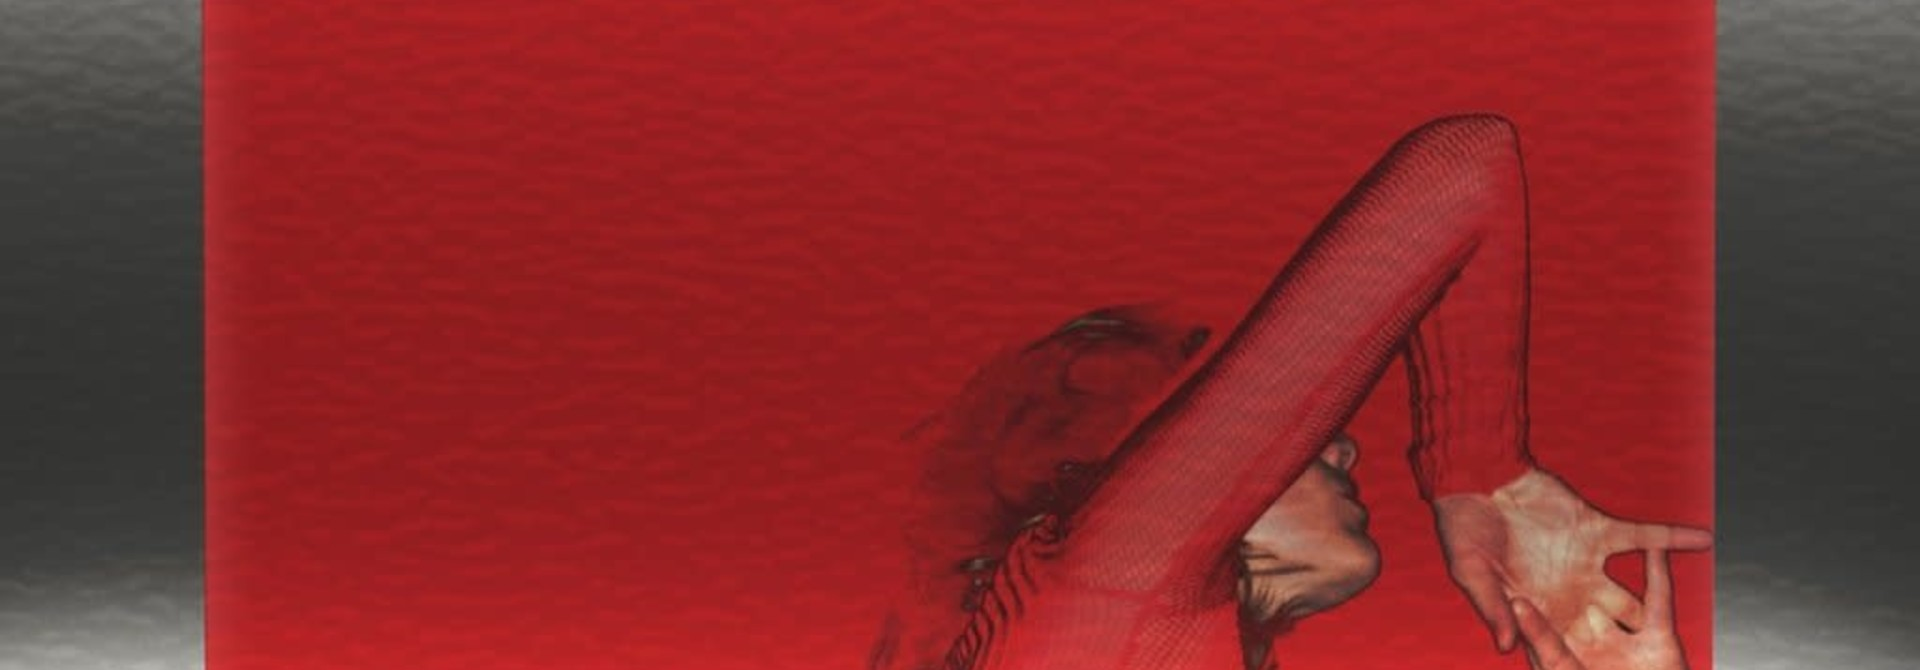 Anika • Change (édition couleur rouge et argent)